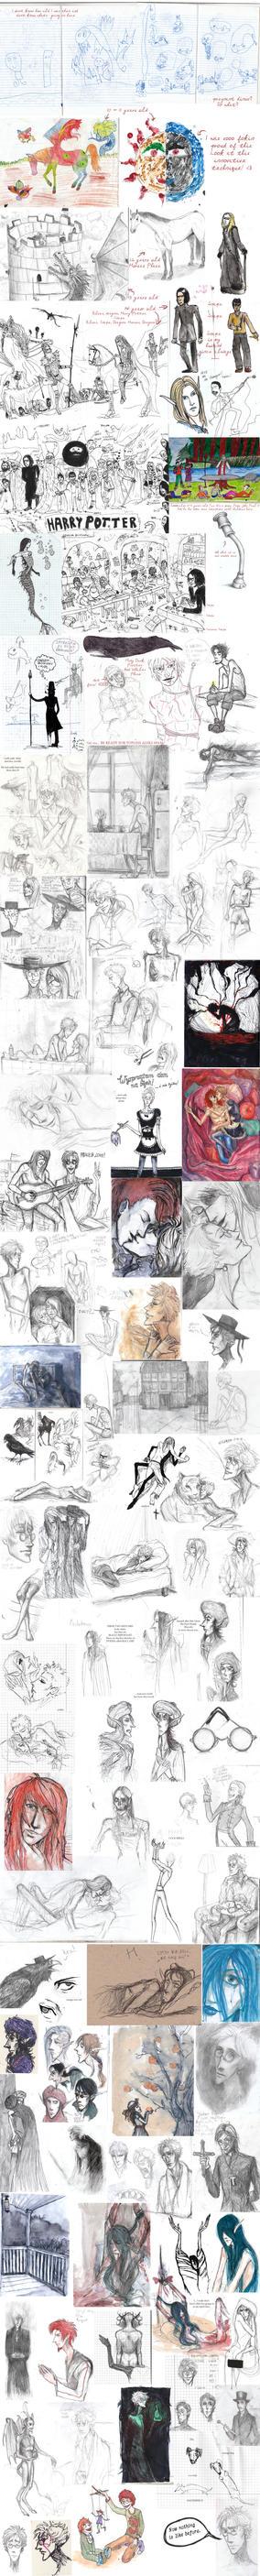 Cringedump! [old sketchbooks review] by bejdak